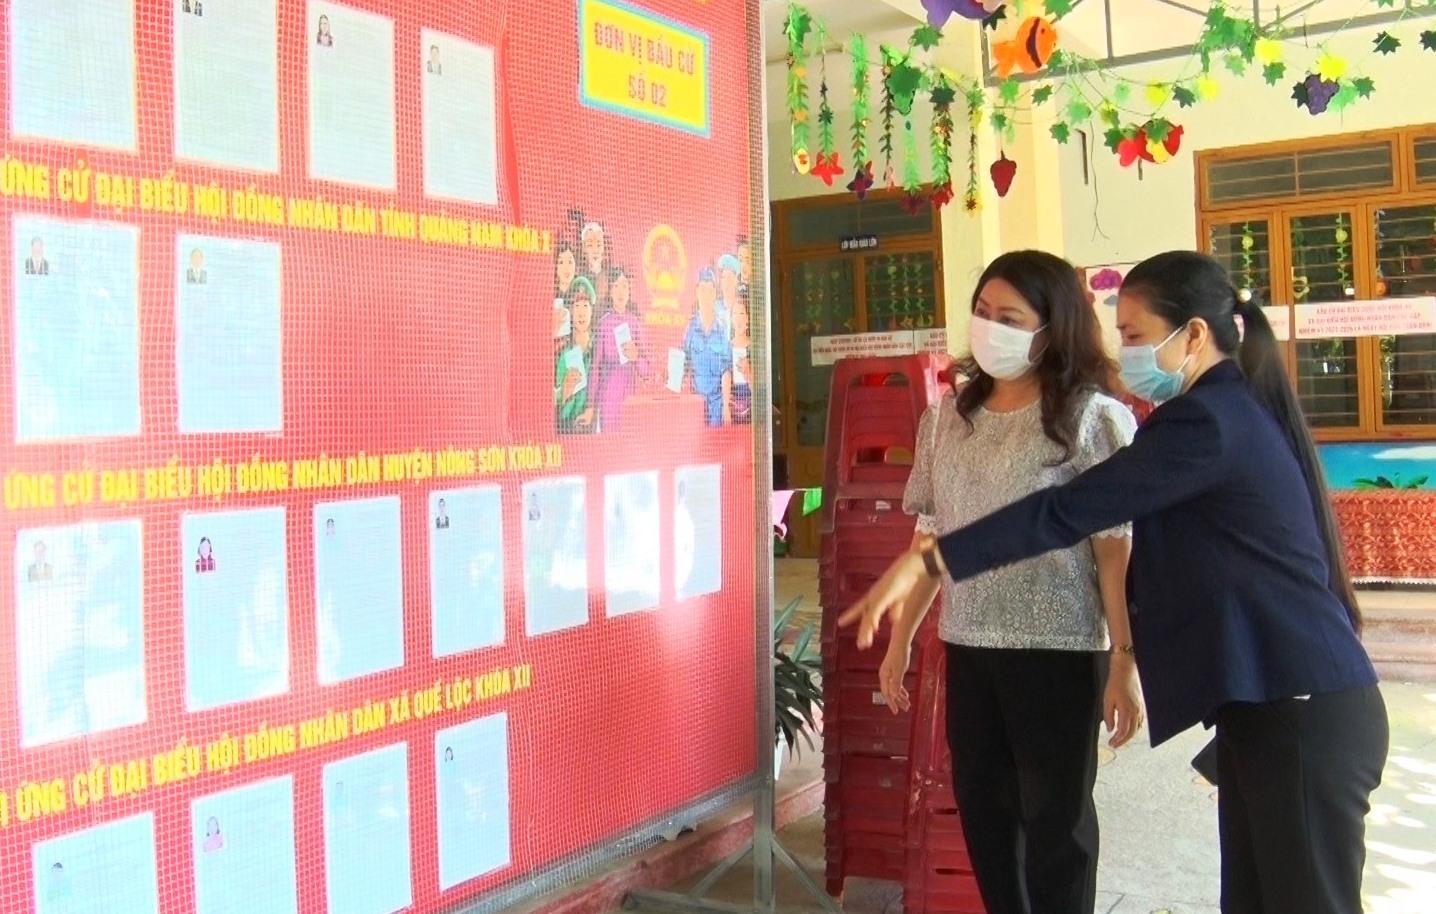 Trưởng ban Tuyên giáo Tỉnh ủy Nguyễn Thị Thu Lan